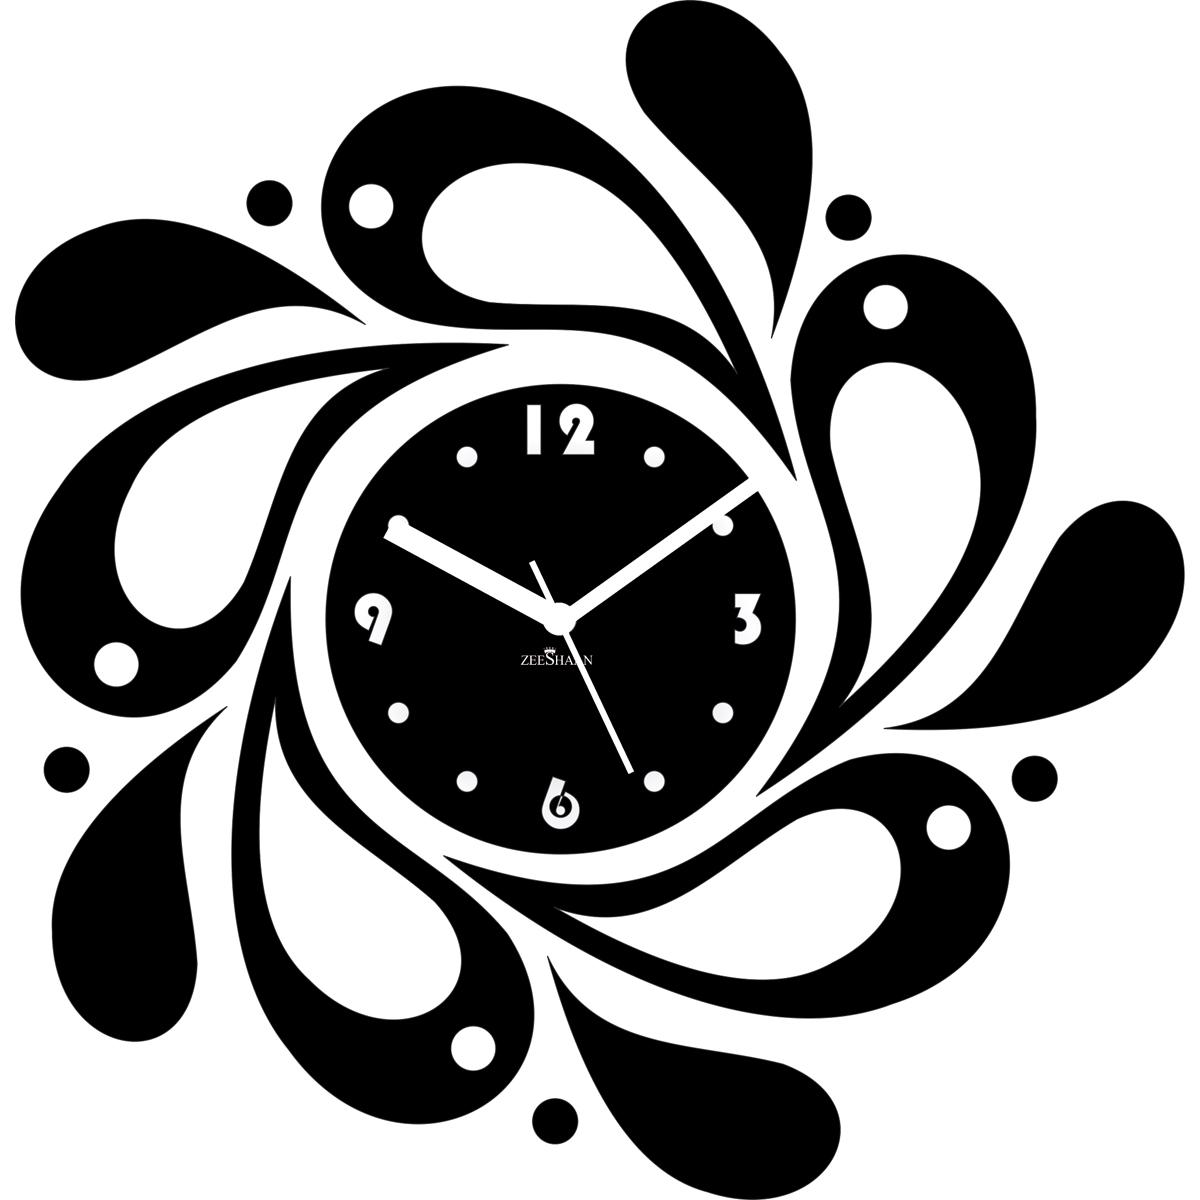 Buy Zeeshaan Designer Wall Clock Black Online at Best